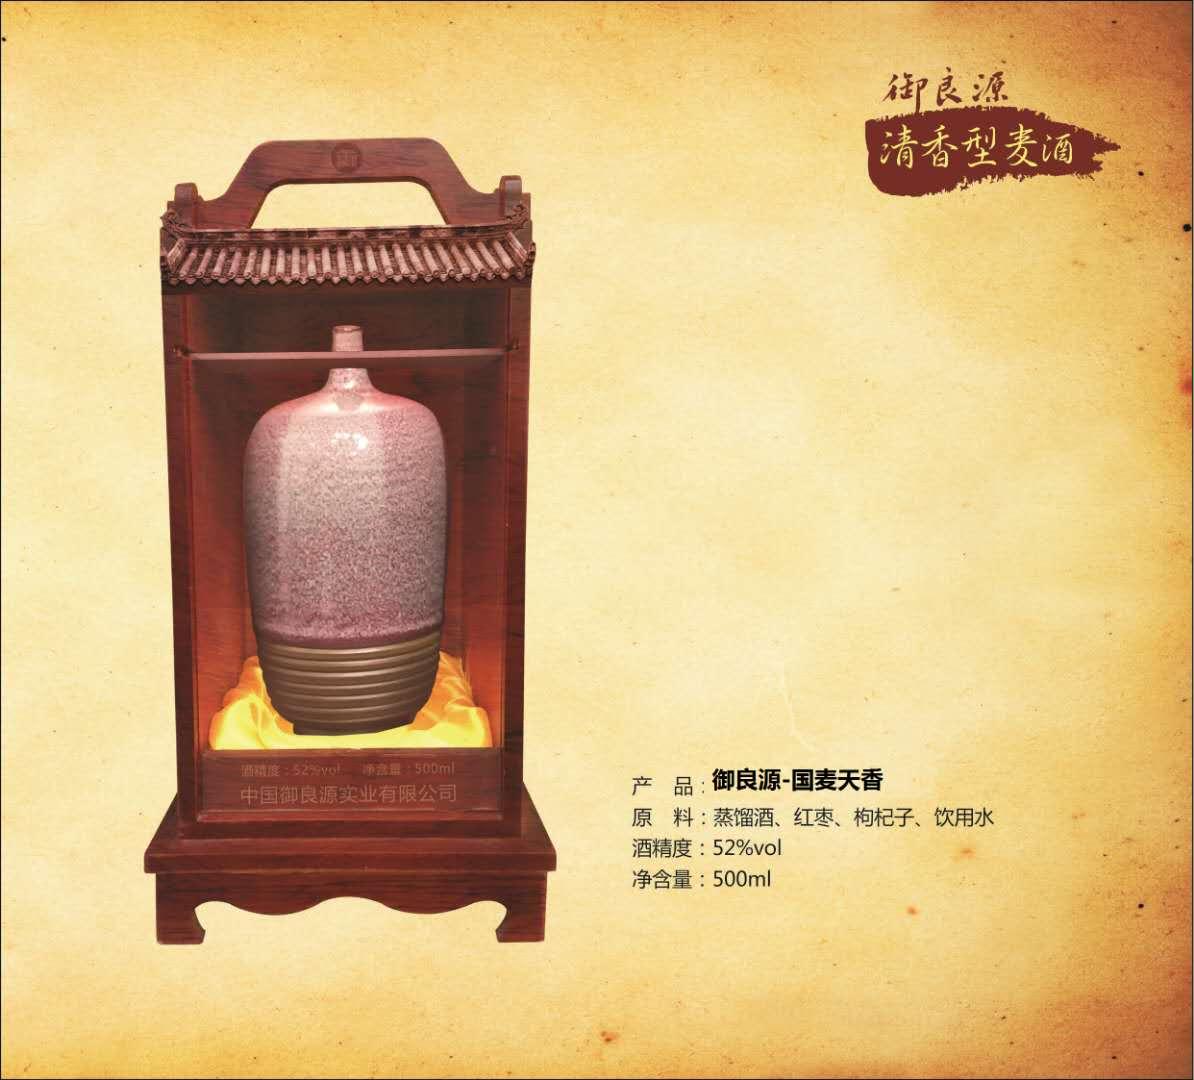 麦腾——国麦天香.jpg